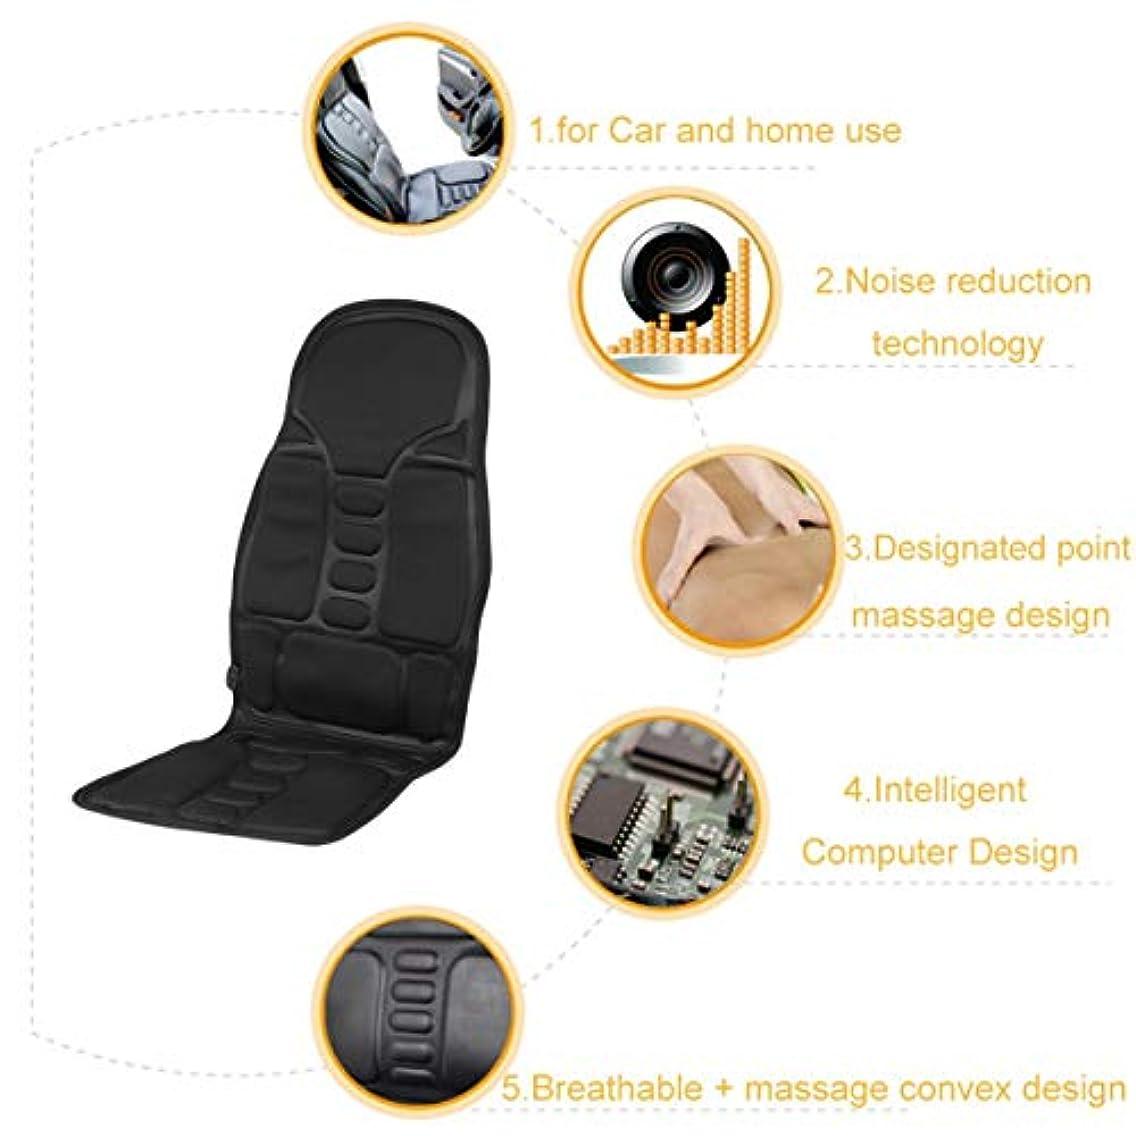 嵐の書く郵便番号Professional Car Household Office Full Body Massage Cushion Lumbar Heat Vibration Neck Back Massage Cushion Seat